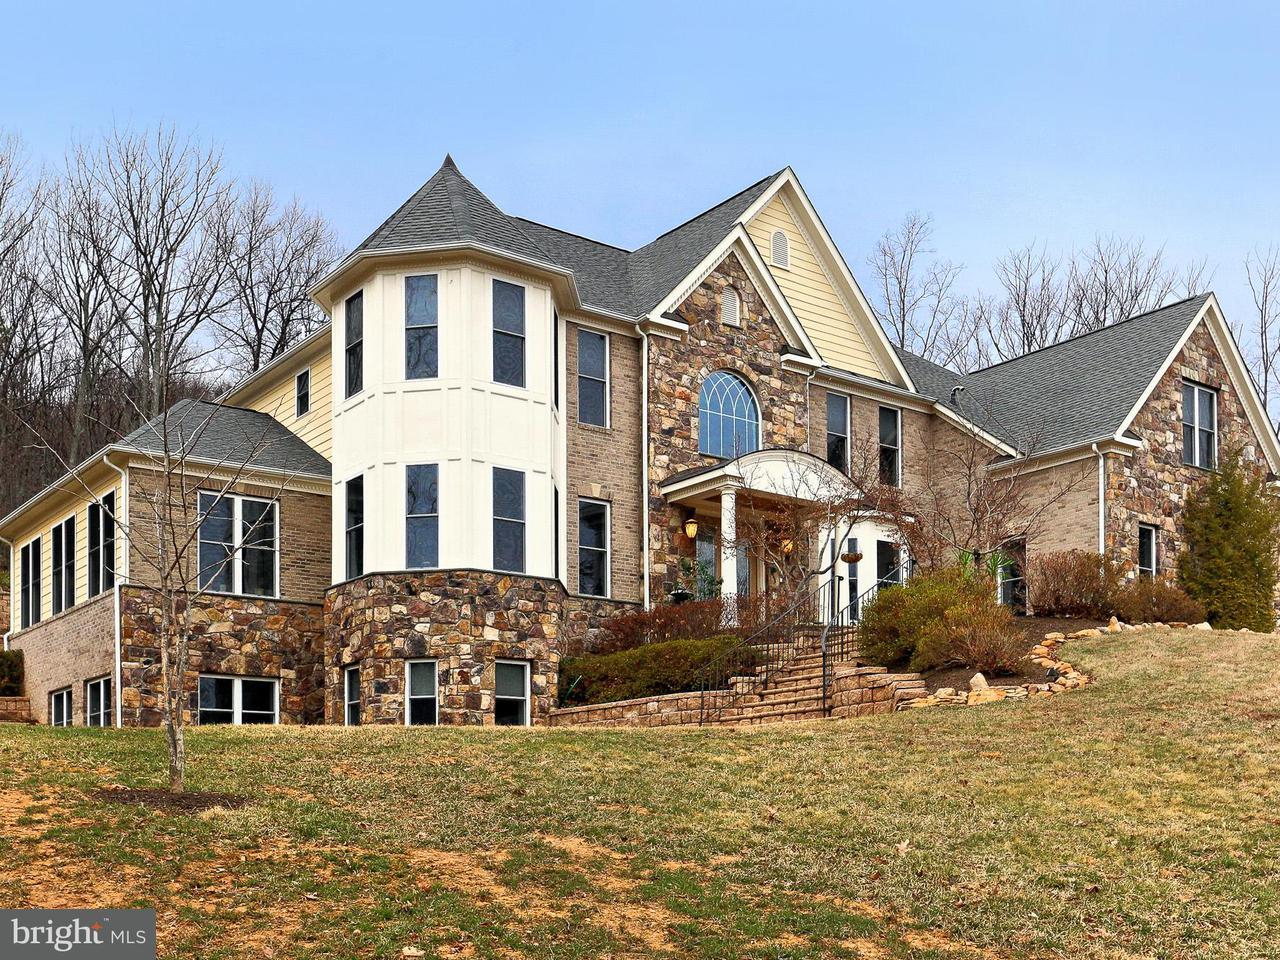 一戸建て のために 売買 アット 3718 Mountain Road 3718 Mountain Road Haymarket, バージニア 20169 アメリカ合衆国